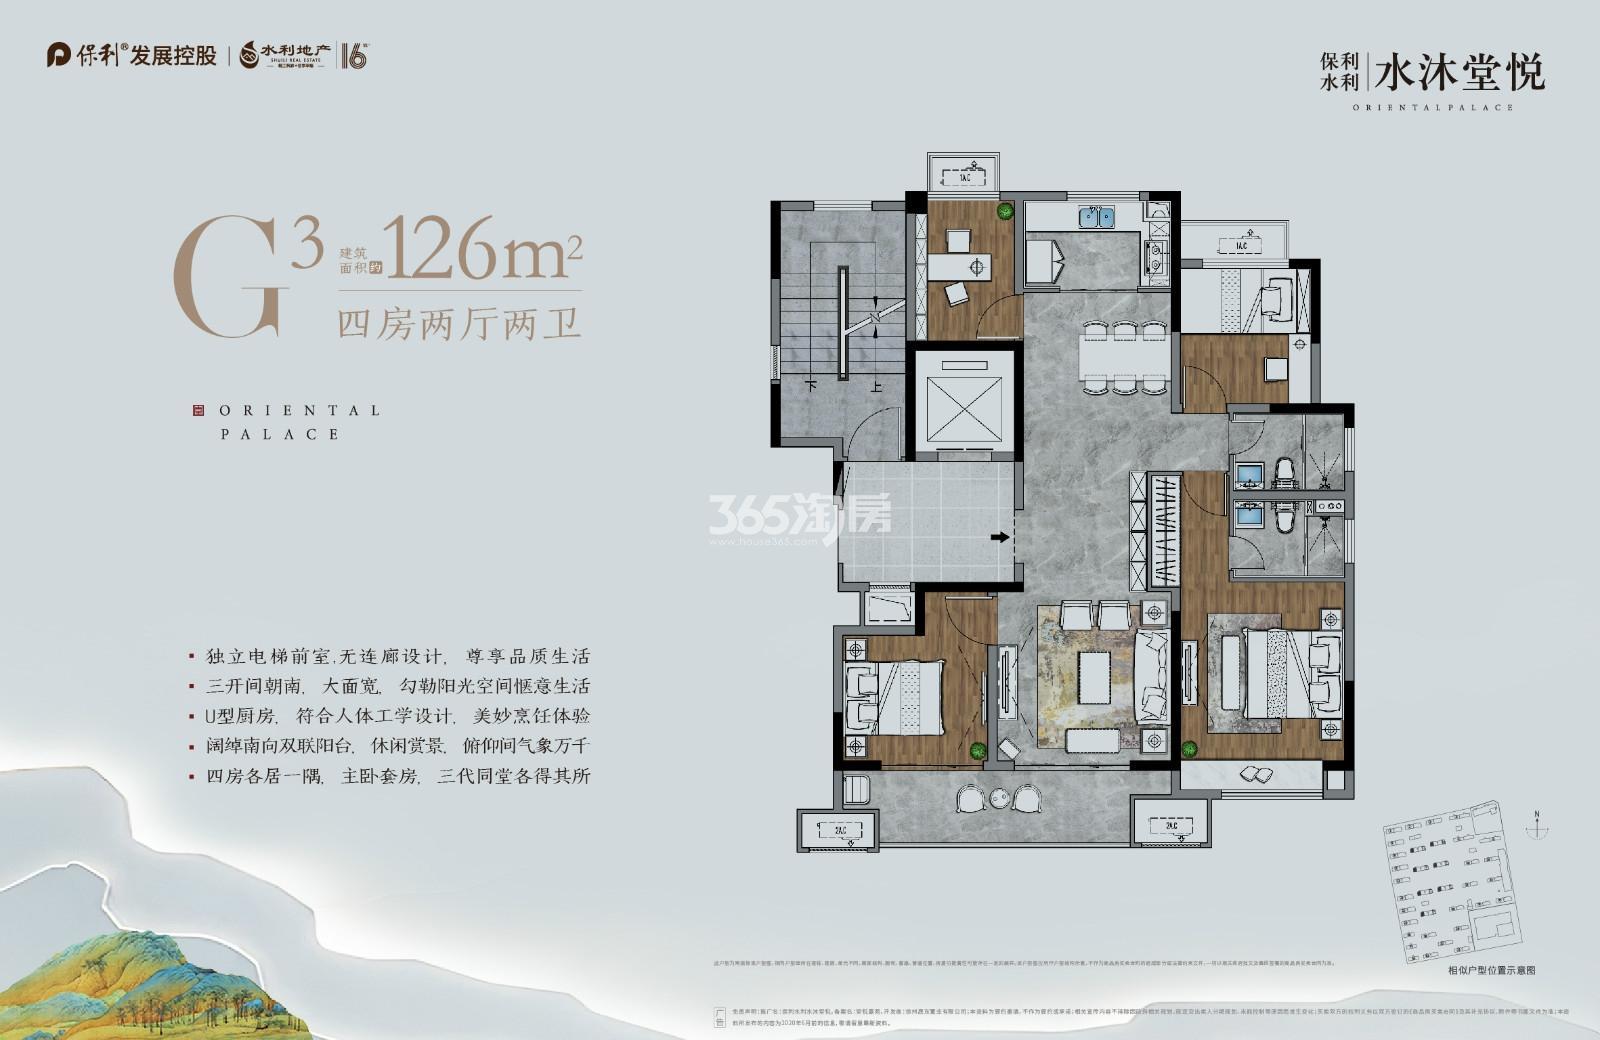 保利水利水沐堂悦高层126户型